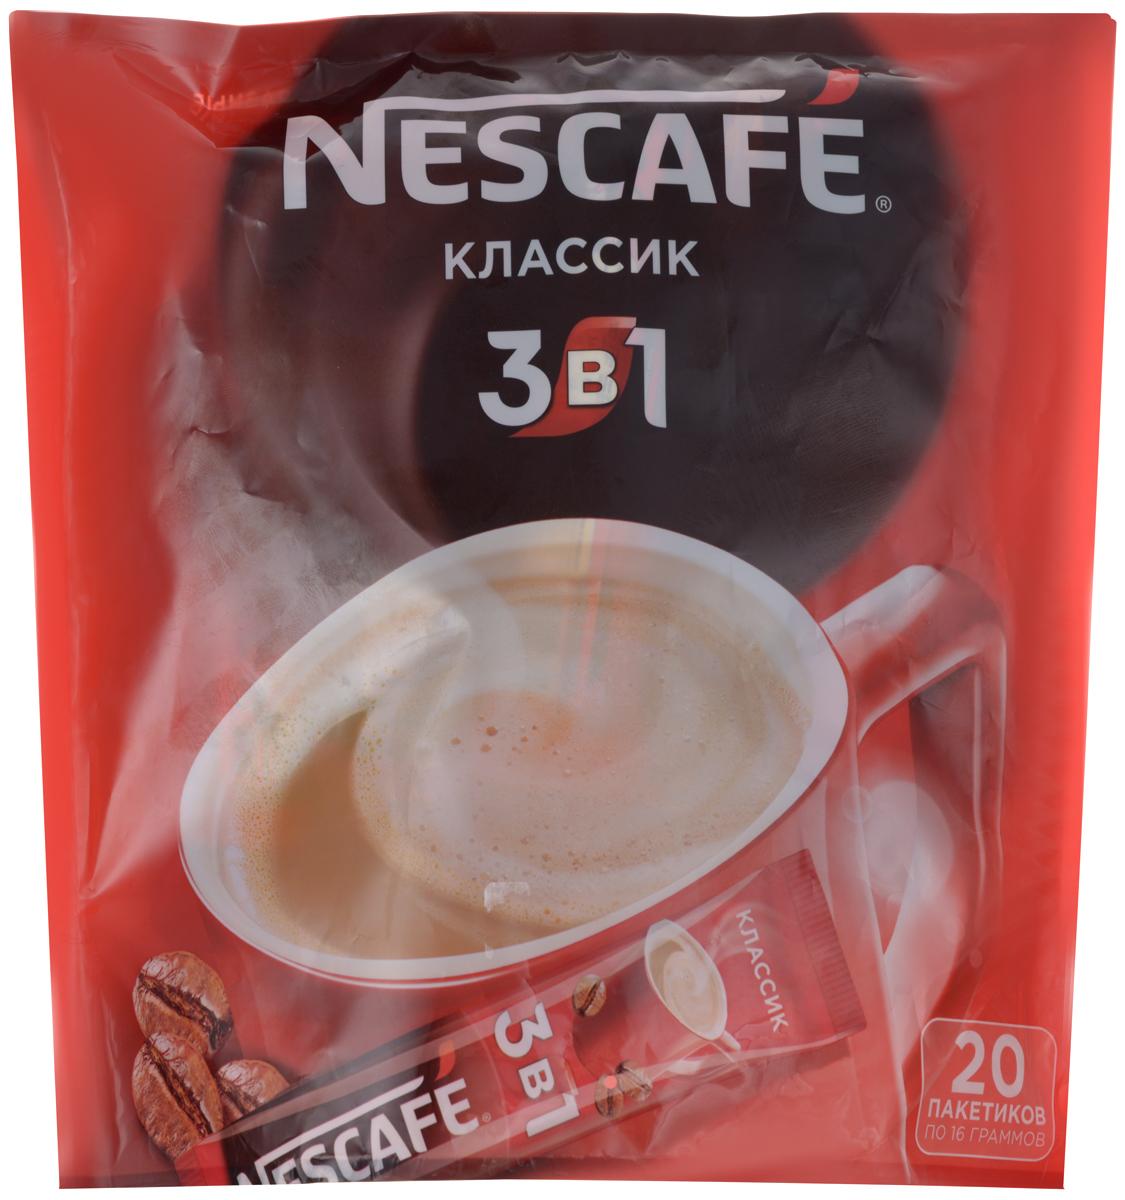 Nescafe 3 в 1 Классик кофе растворимый, 20 шт0120710Nescafe 3 в 1 Классик - кофейно-сливочный напиток, в состав которого входят высококачественные ингредиенты: кофе Nescafe, сахар, сливки растительного происхождения. Каждый пакетик Nescafe 3 в 1 подарит вамидеальное сочетание кофе, сливок, сахара!